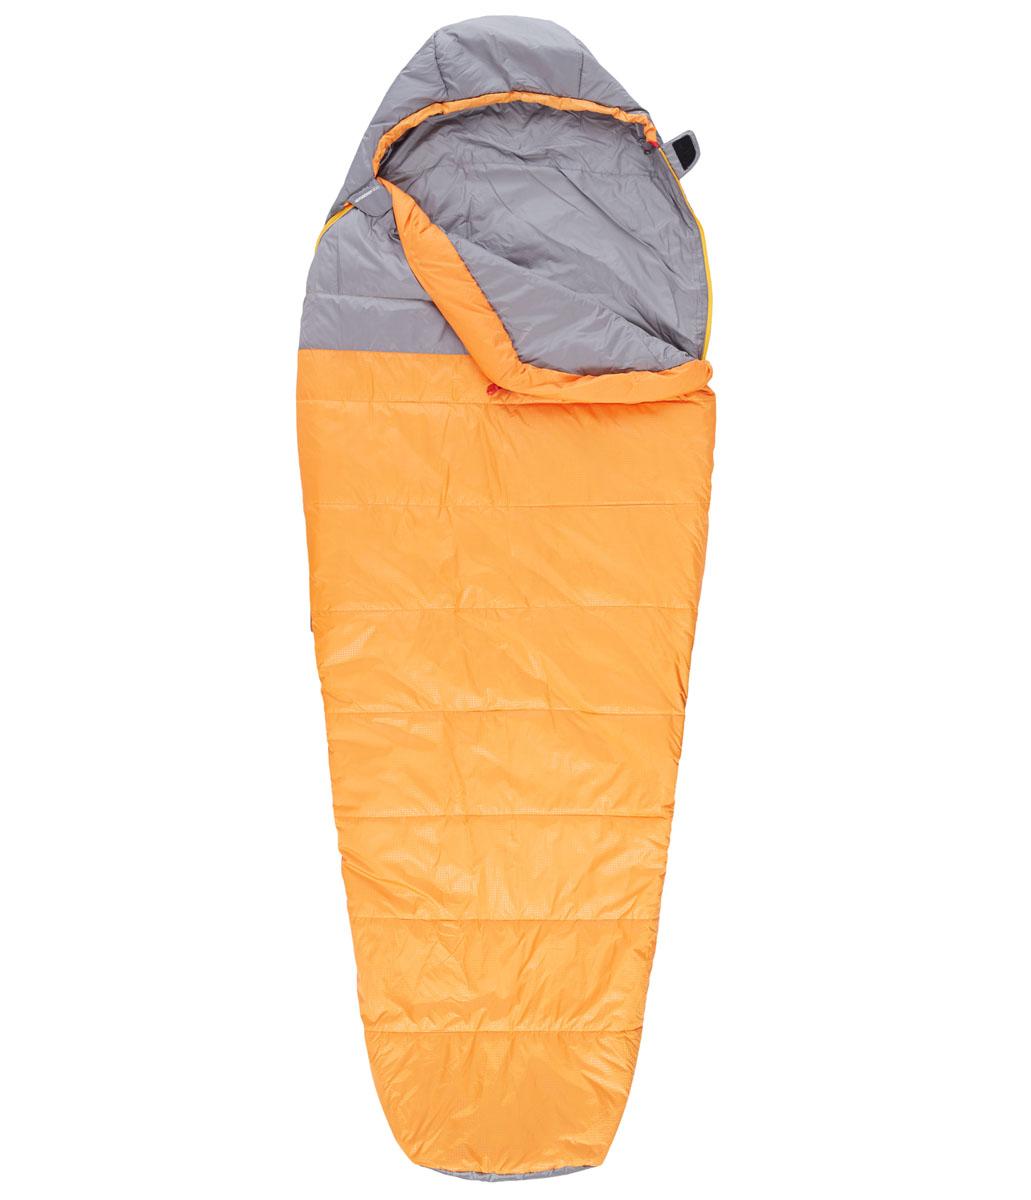 Мешок спальный The North Face Aleutian 35/2, удлиненный, цвет: оранжевый, серый, правосторонняя молния67742The North Face Aleutian 35/2 - это трехсезонный спальный мешок для путешествий, который можно целиком расстегнуть и расстелить в палатке. Этот спальный мешок очень вместительный, универсальный, теплый, комфортный и при этом практичный. Спальный мешок упакован в удобный чехол для переноски.Вес наполнителя: 584 г.Длина мешка: 198 см.